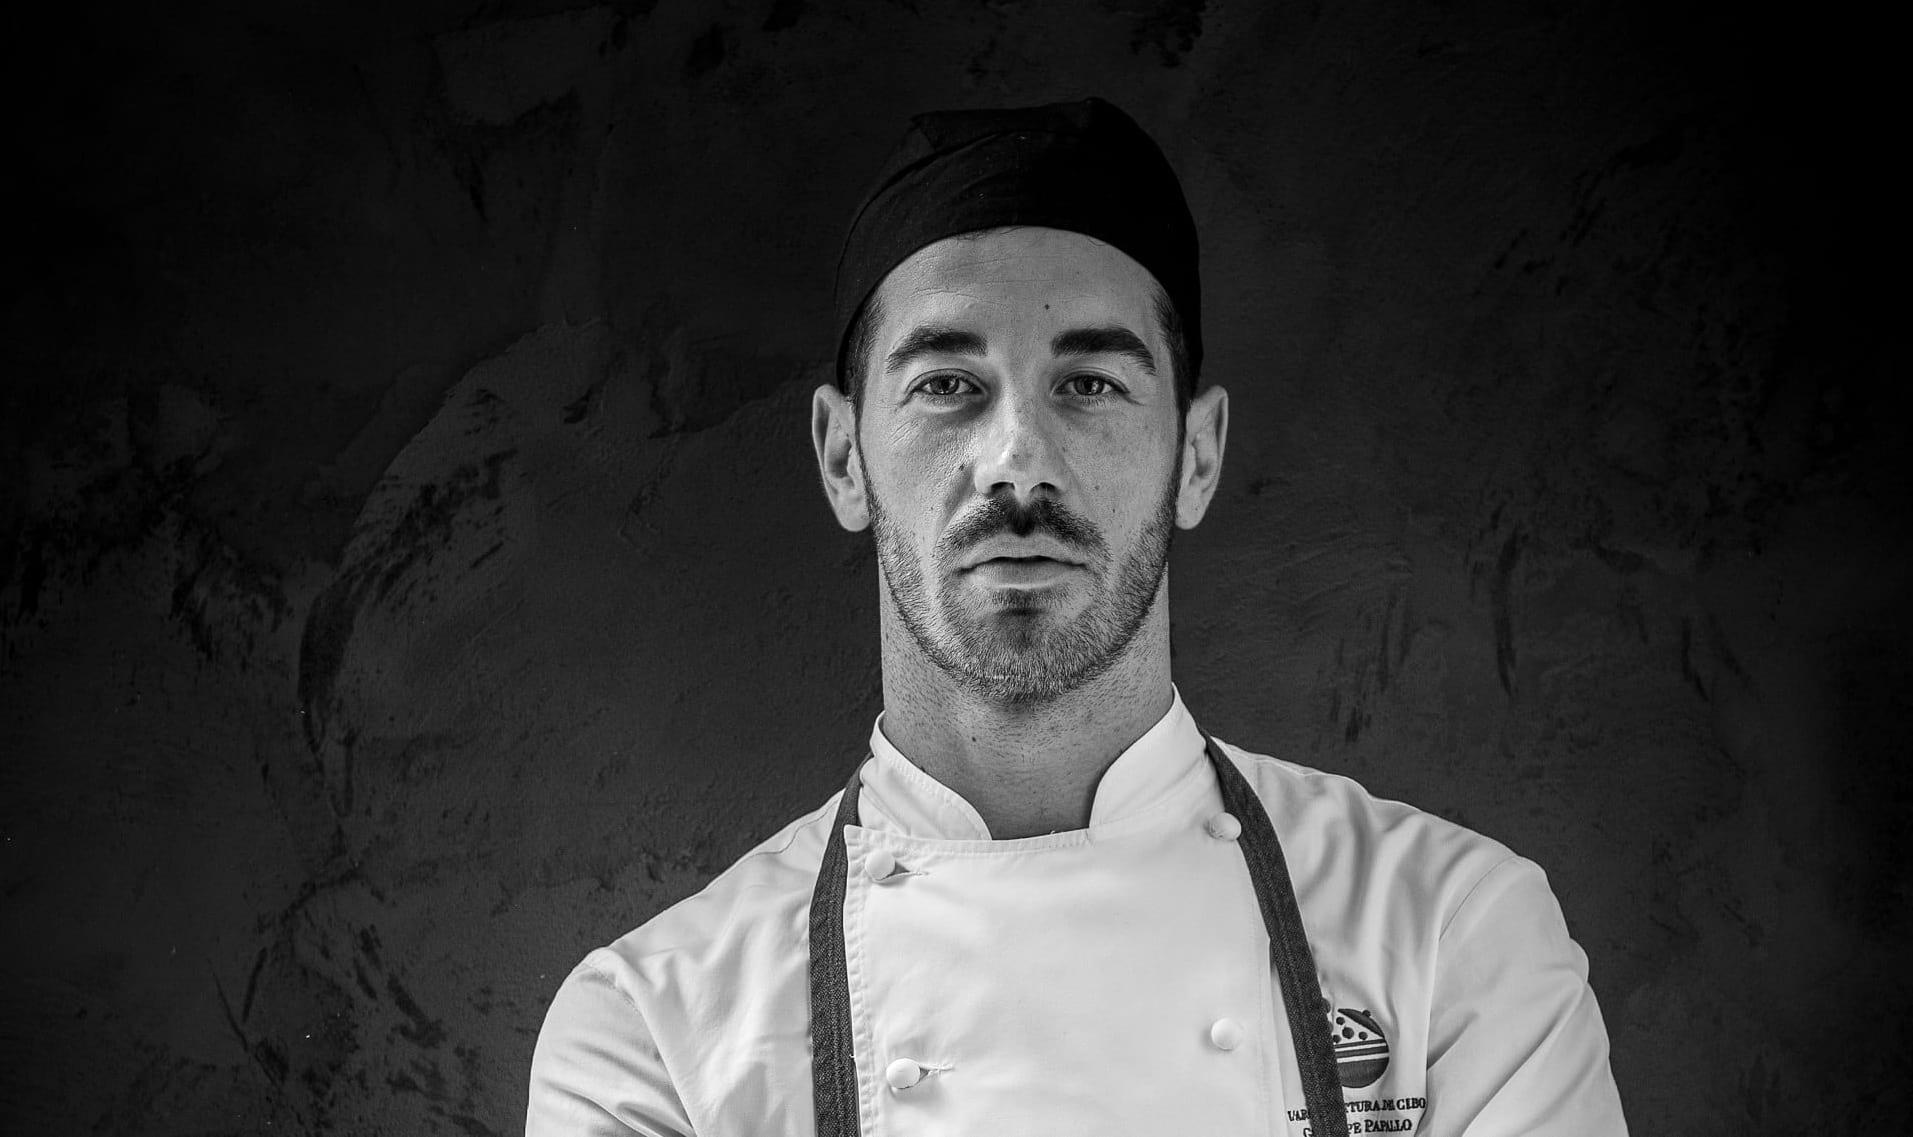 architettura-del-cibo-ristorante-firenze-chef-giuseppe-papallo-chef